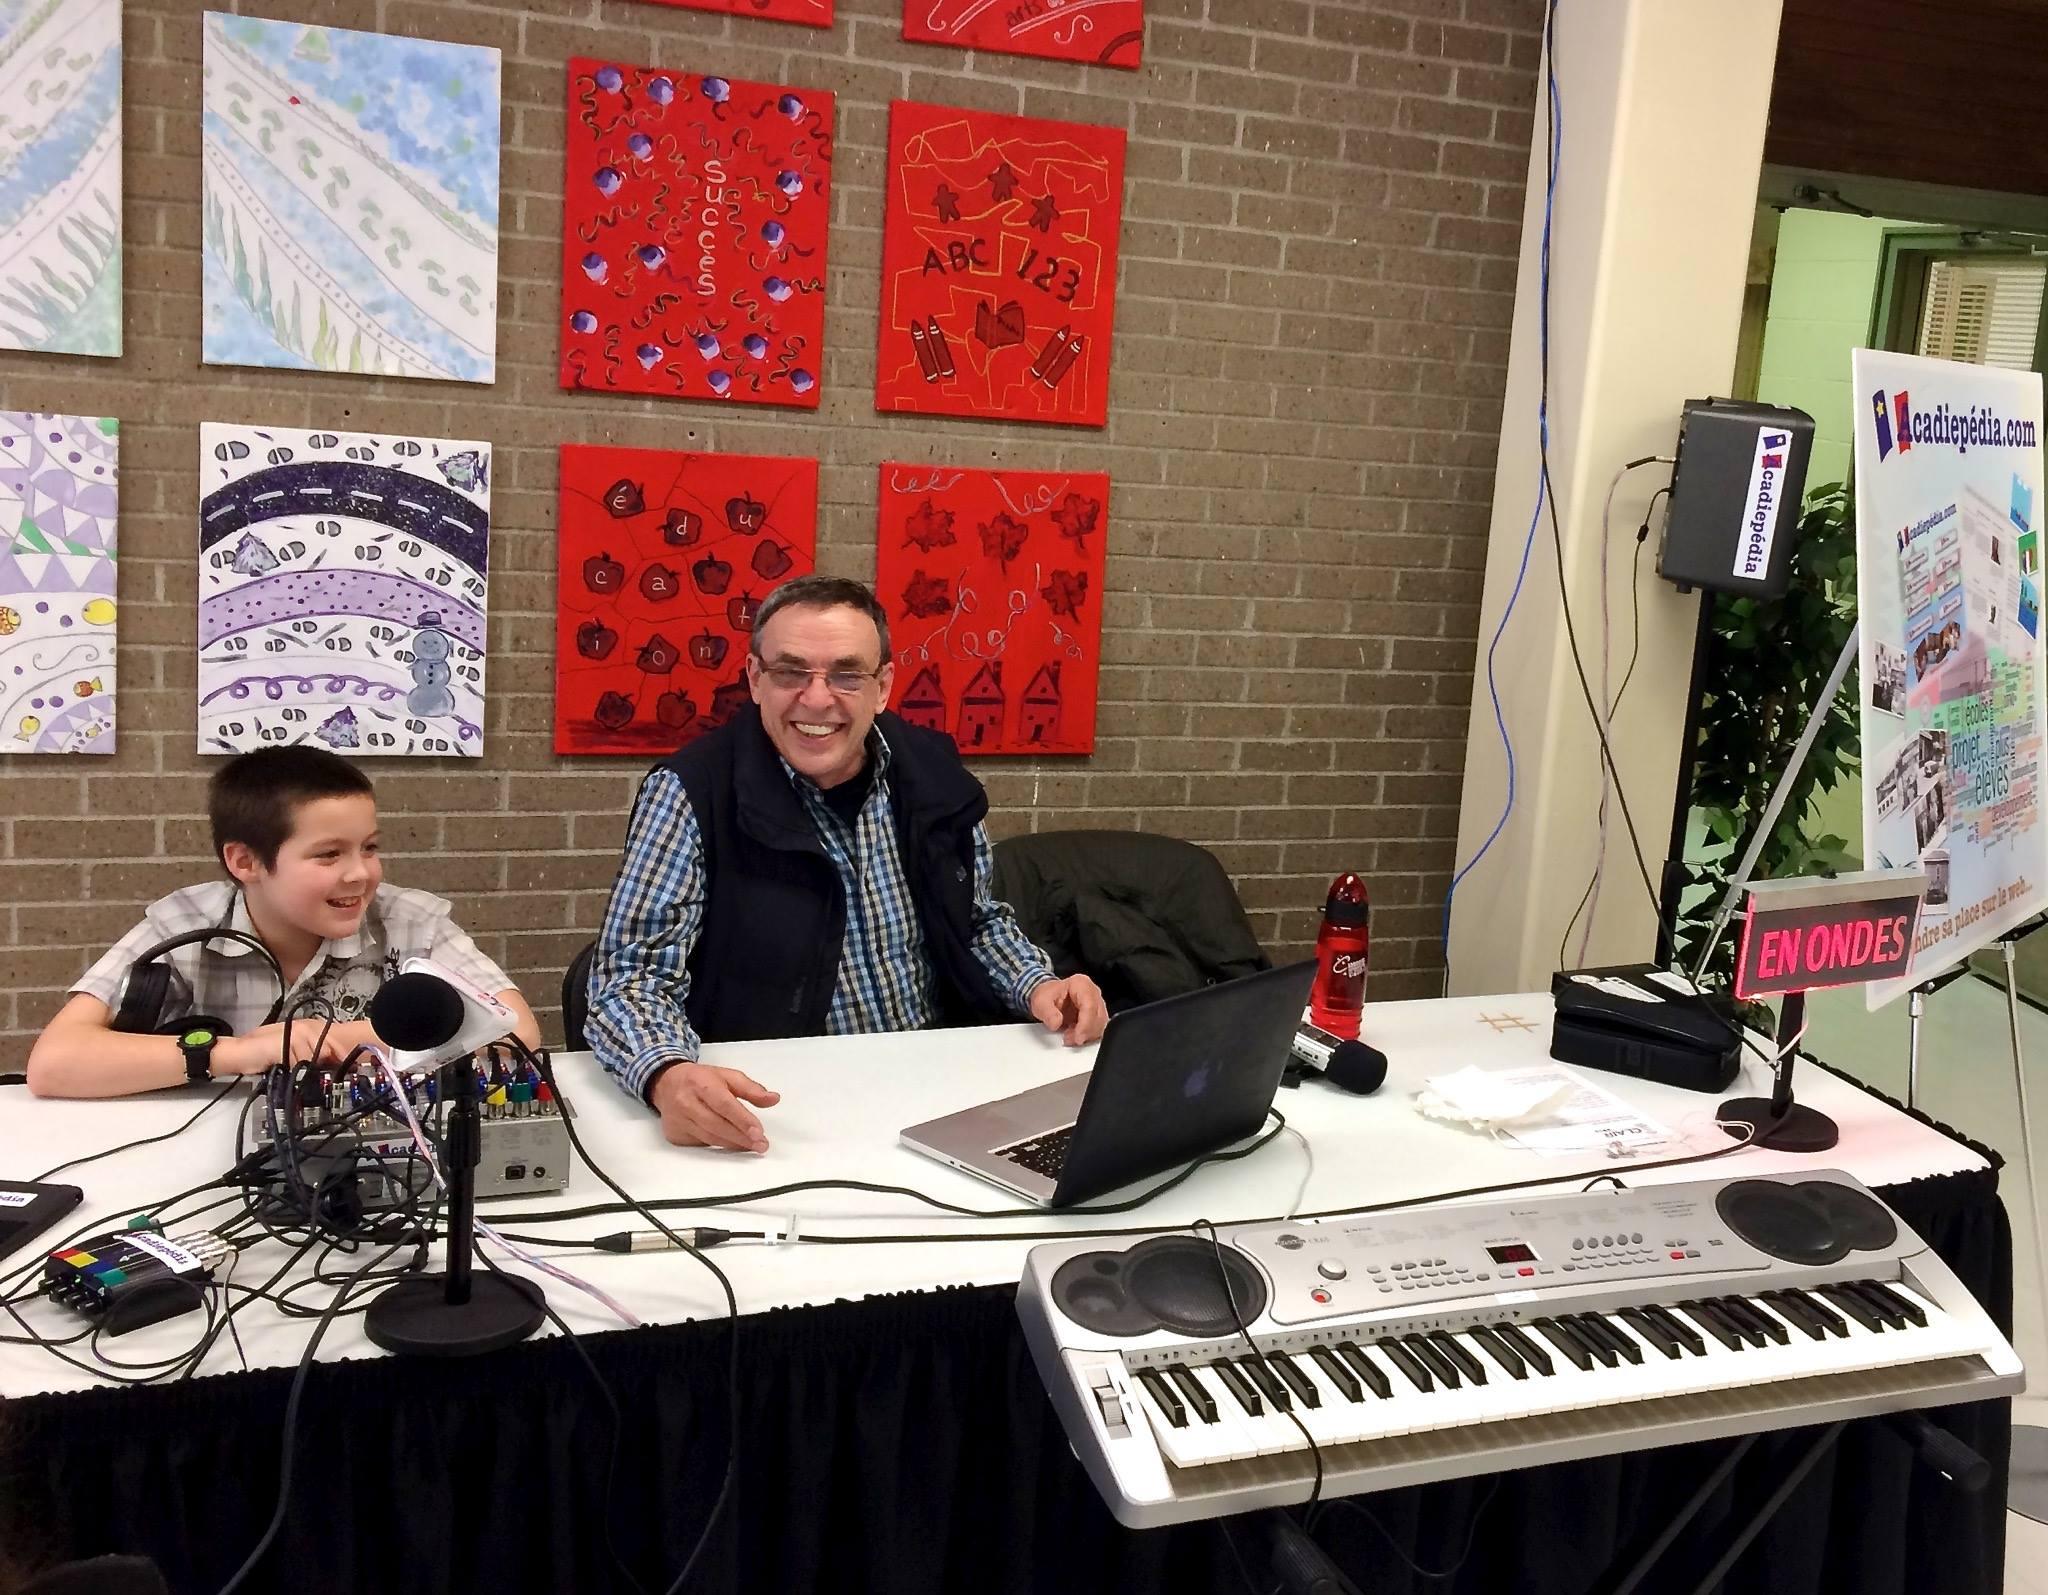 Radio Enfant Michel Delorme